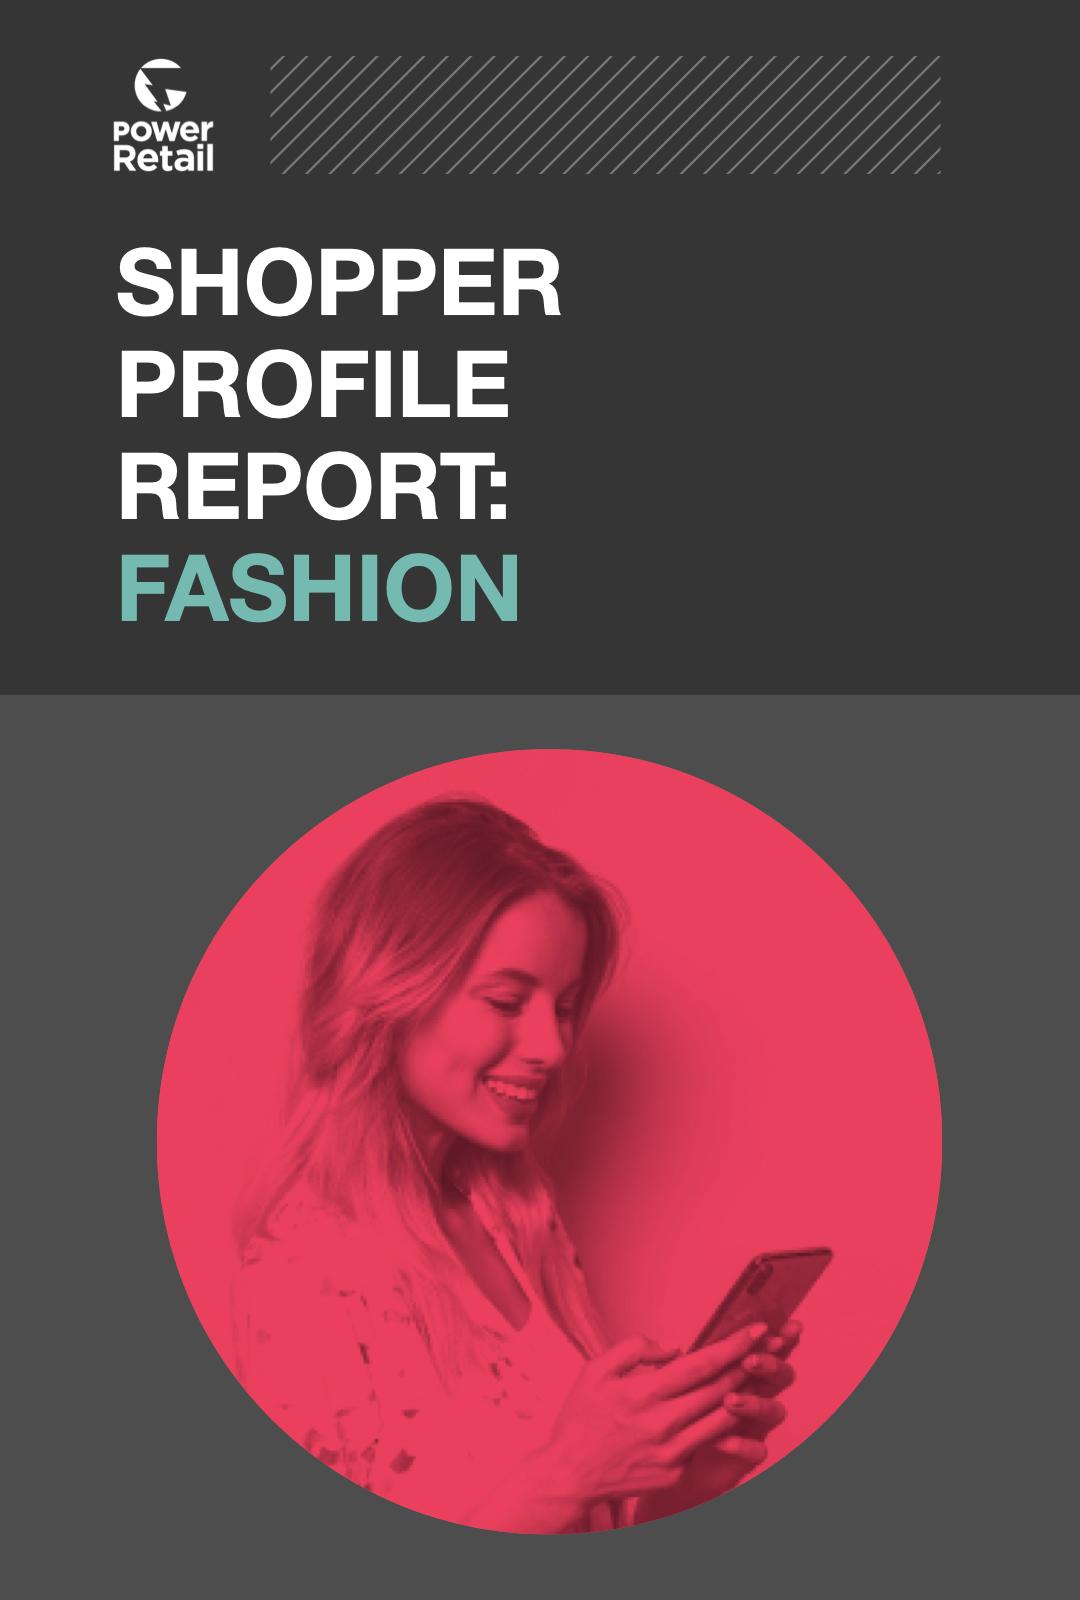 Shopper Profile Report: Fashion